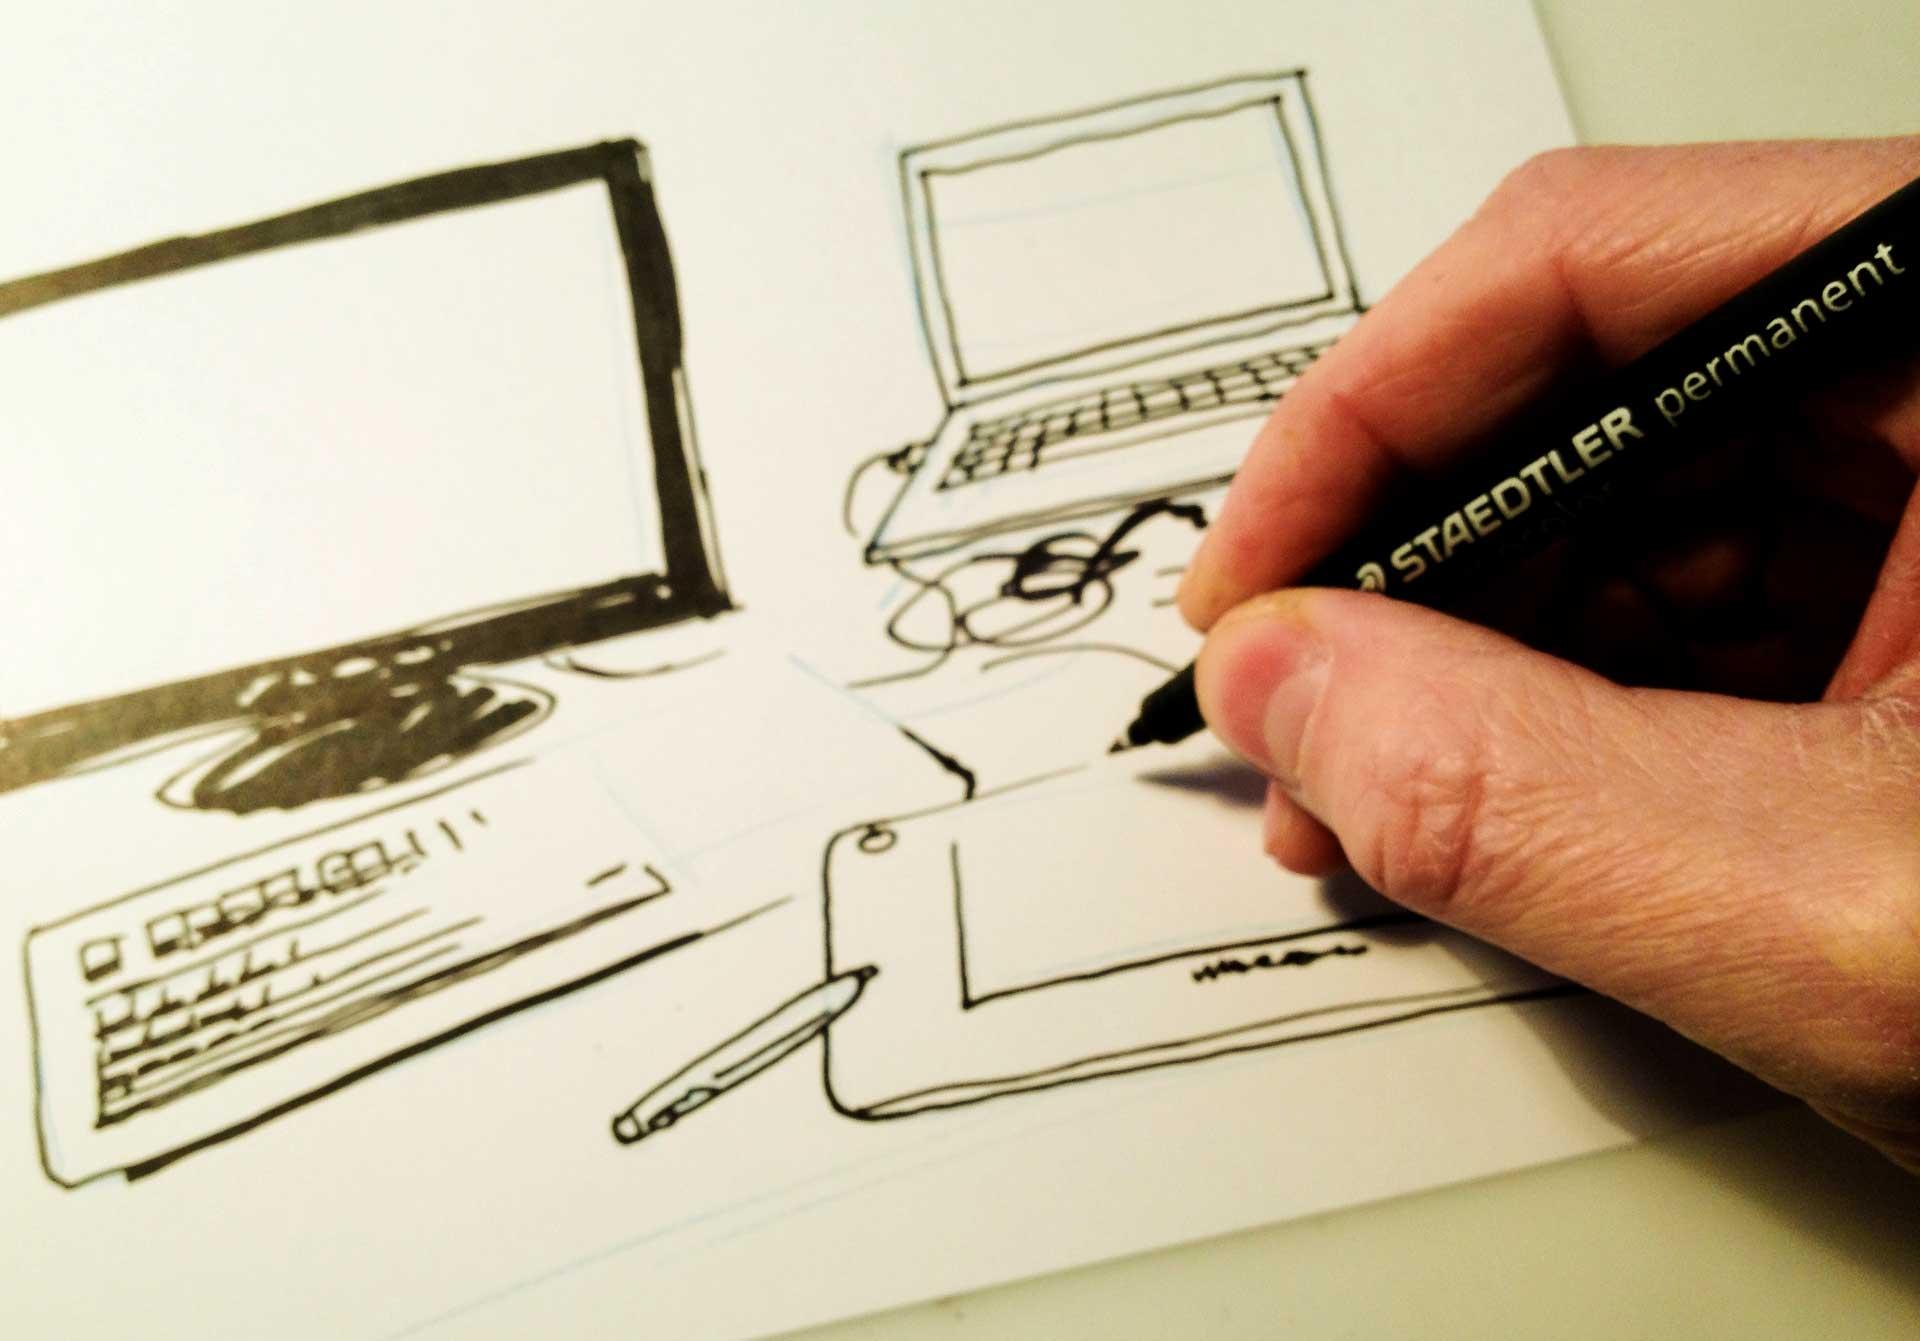 Drawn paper sketch Comics Beginners paper drawing digital